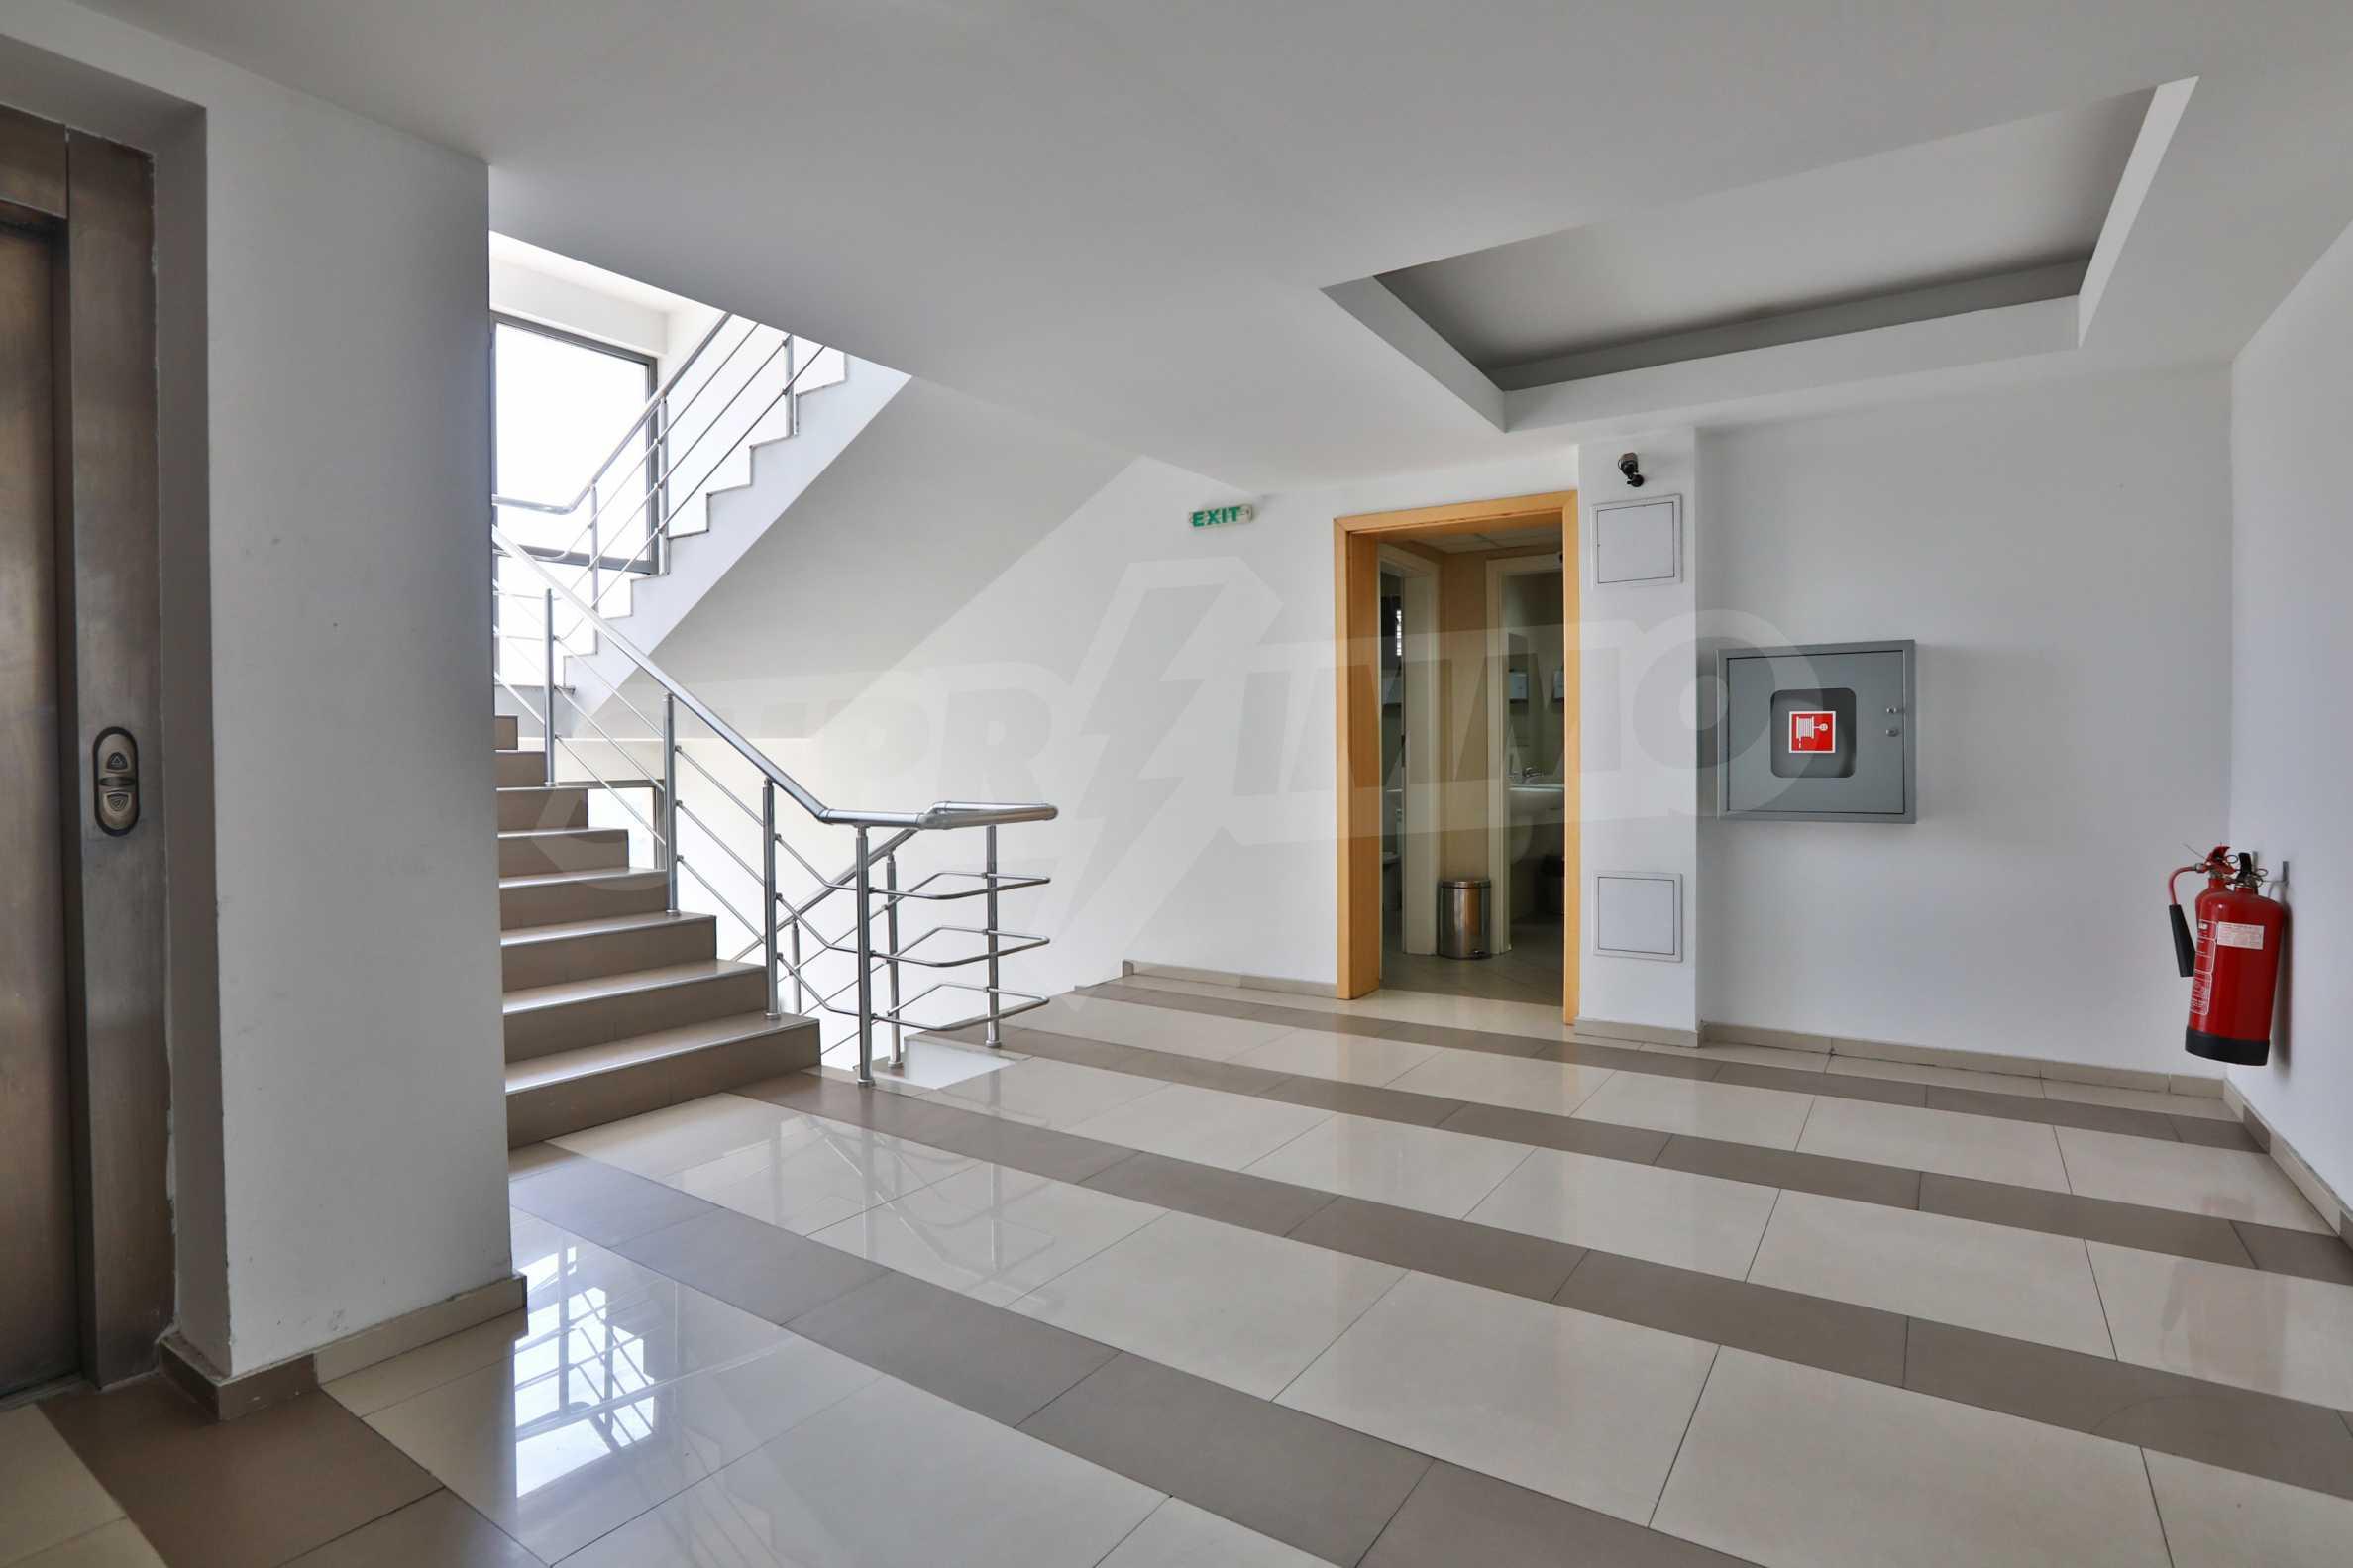 Площи тип open space в офис зоната на бул. Цариградско шосе 26